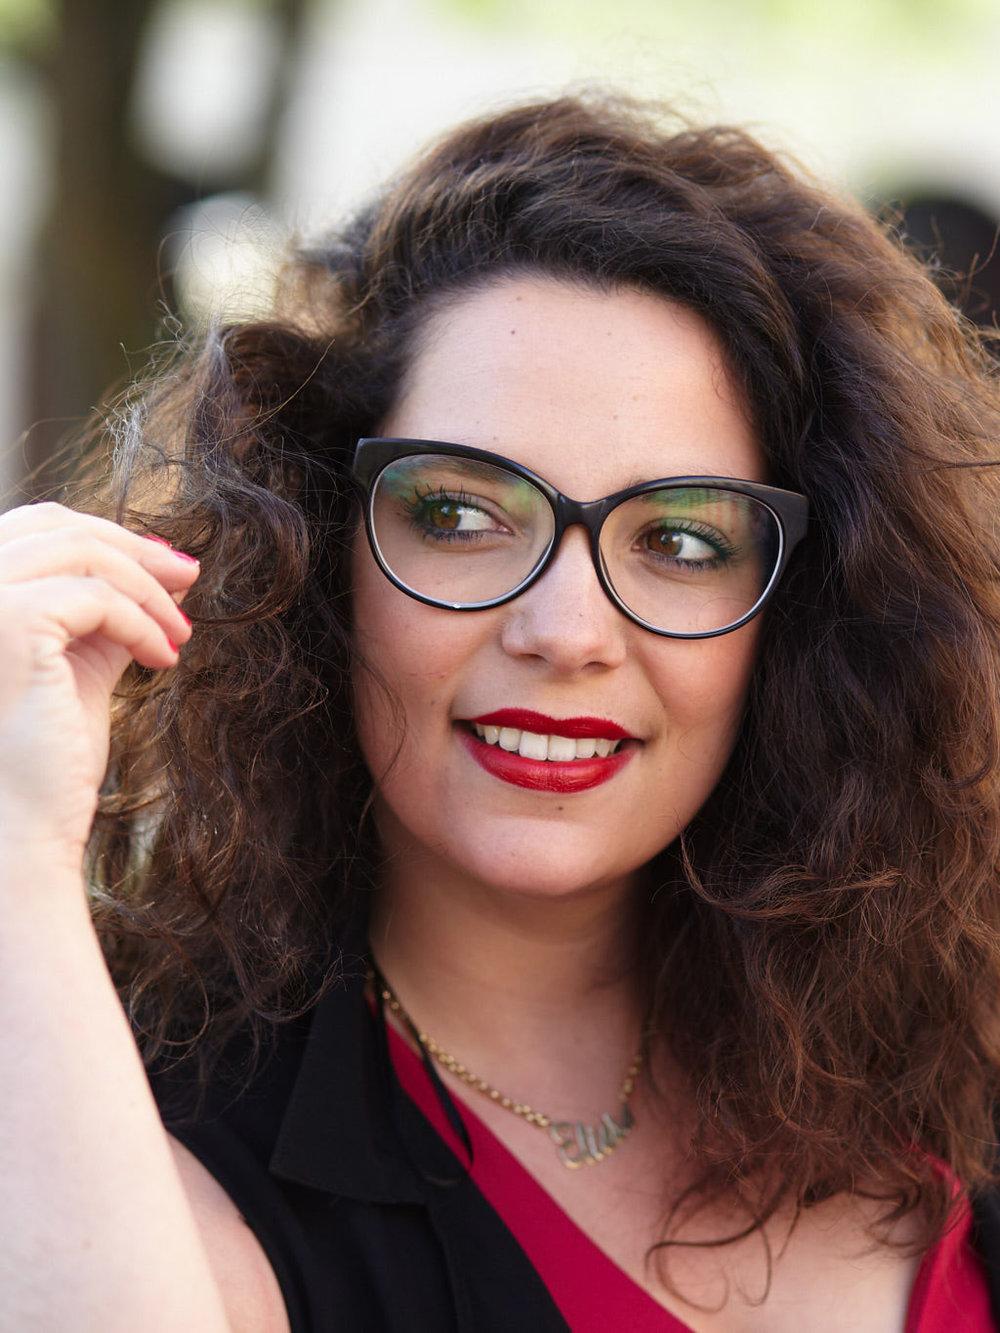 Elissa Huber - SopranStimme, Musik, Gesang: Für mich alles Mittel zum Zweck! - Welchem Zweck? -Geschichten erzählen, Figuren zum Leben erwecken, mit Emotionen Menschen berühren.